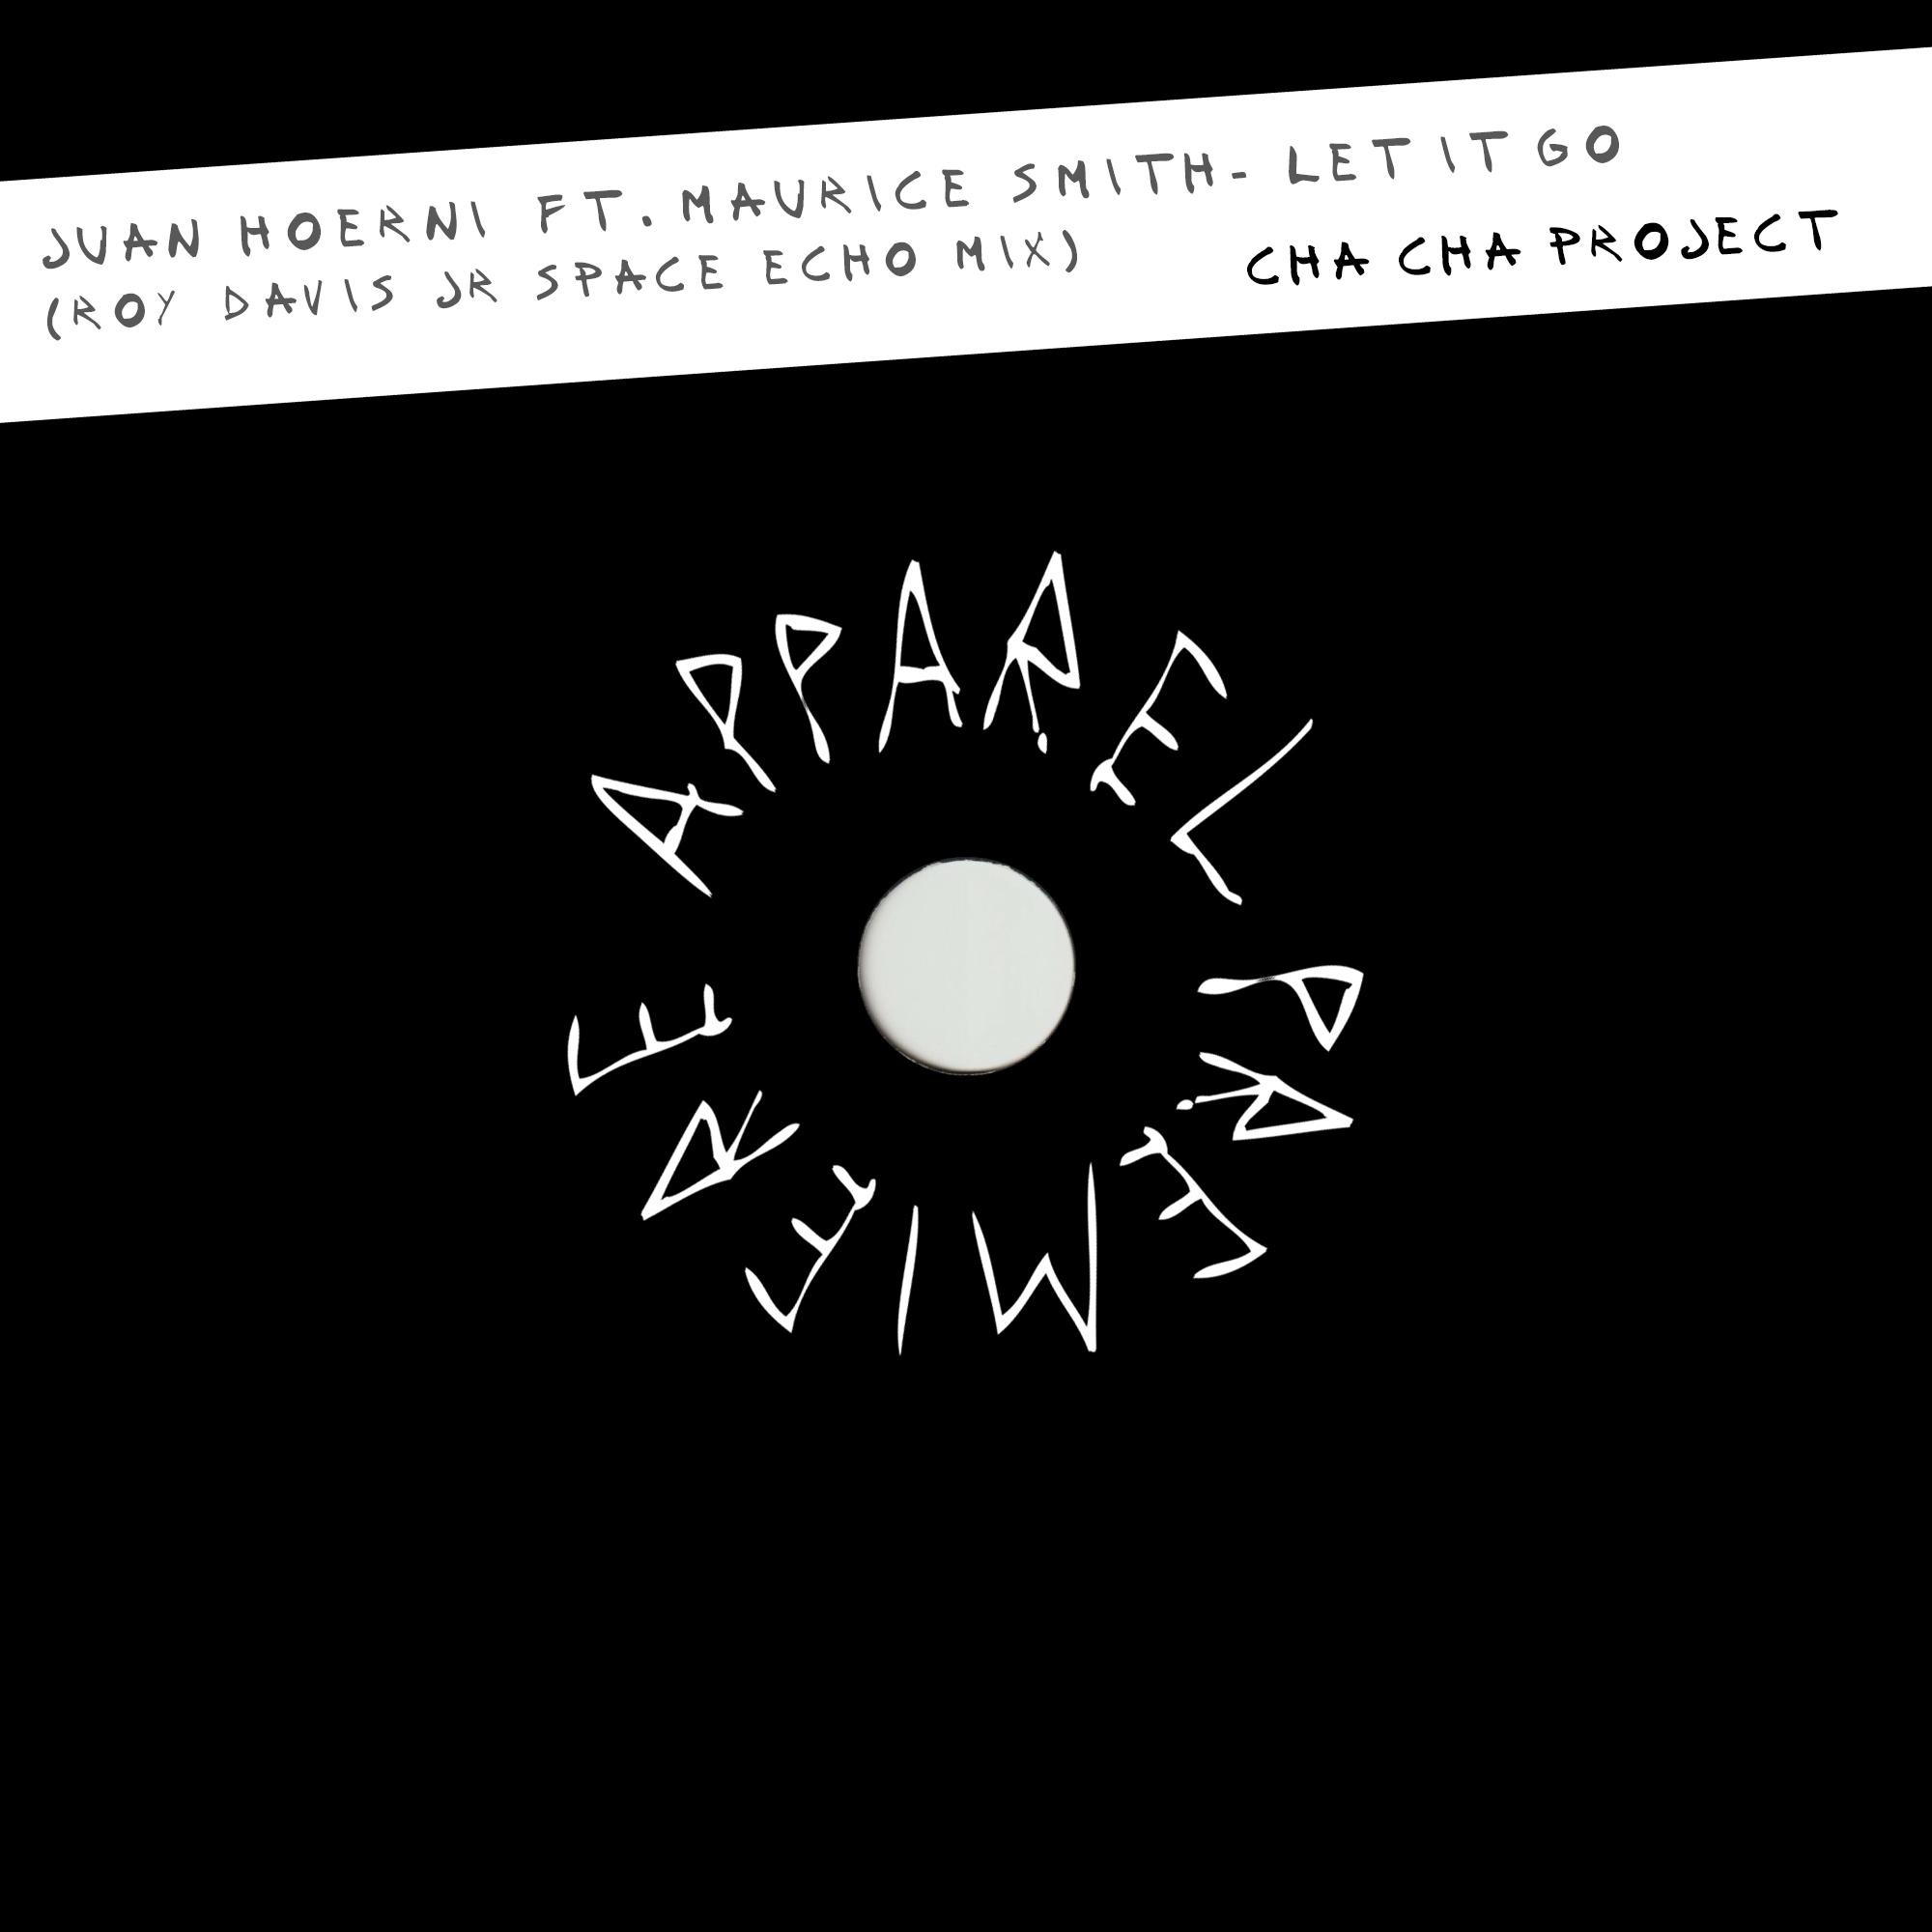 APL PREMIERE Juan Hoerni ft. Maurice Smith- Let It Go (Roy Davis Jr Space Echo Mix) [Cha Cha Project Recordings] Artwork